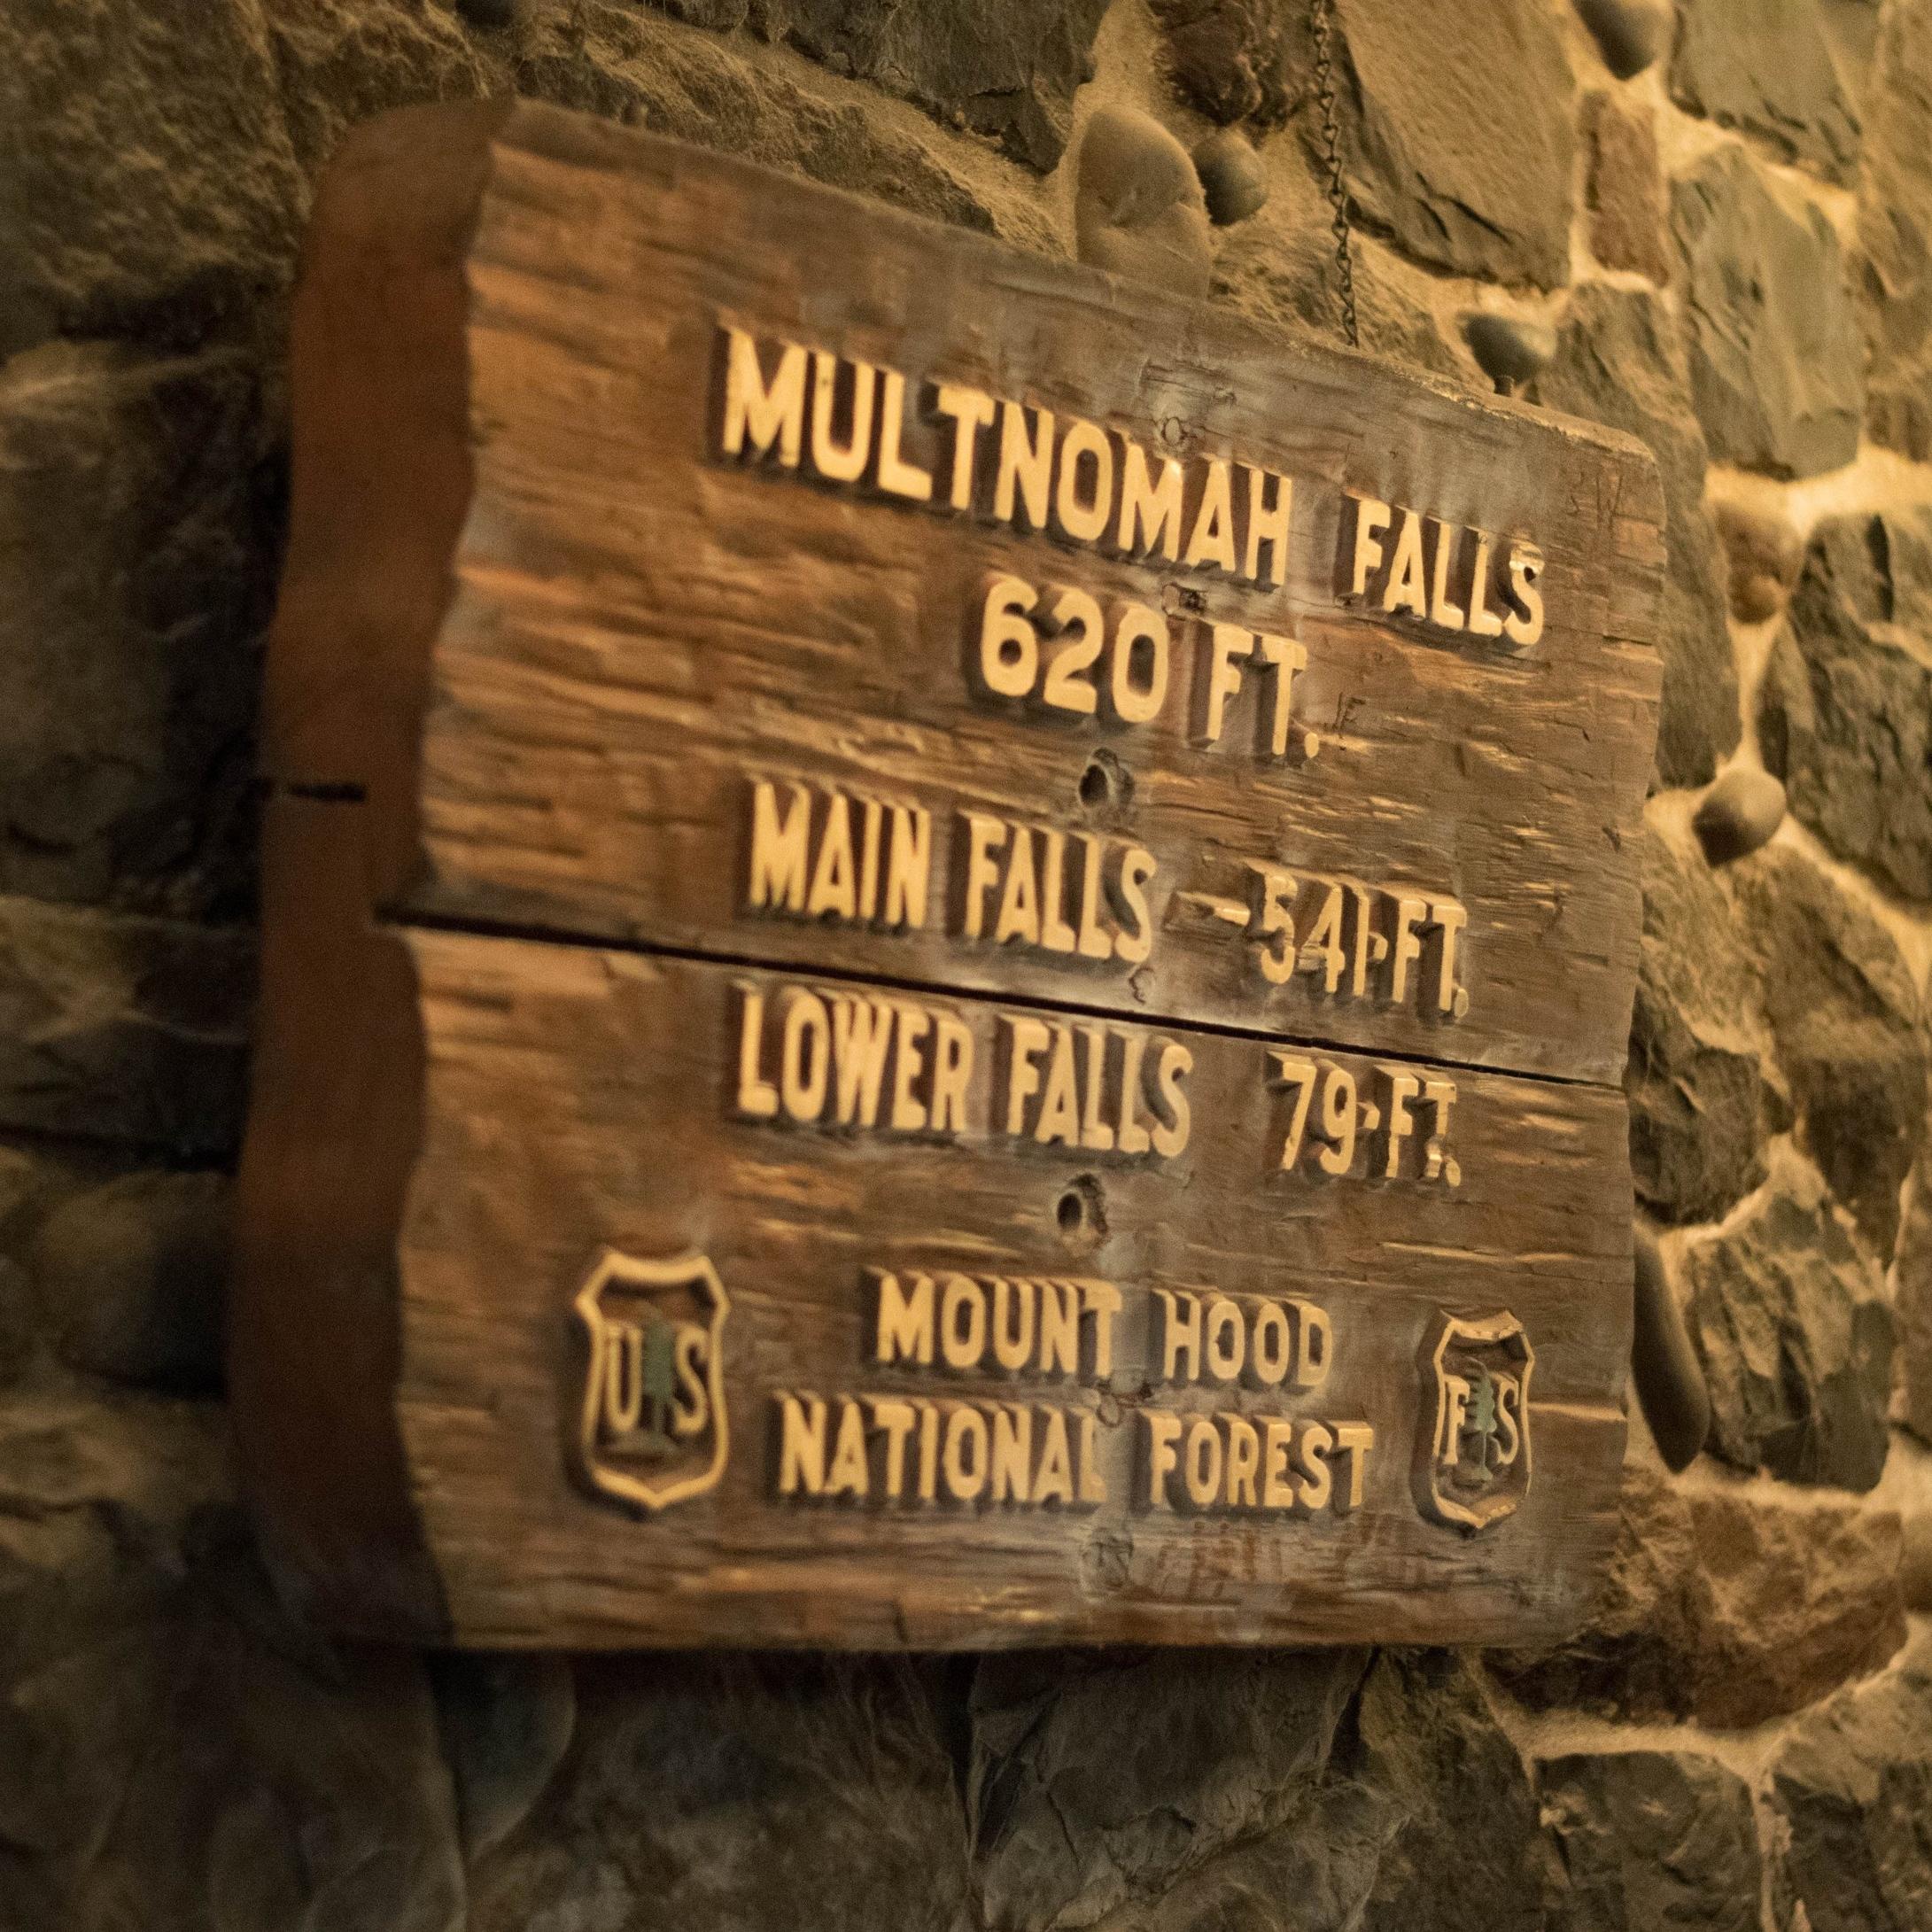 MultnomahFalls-2.jpg